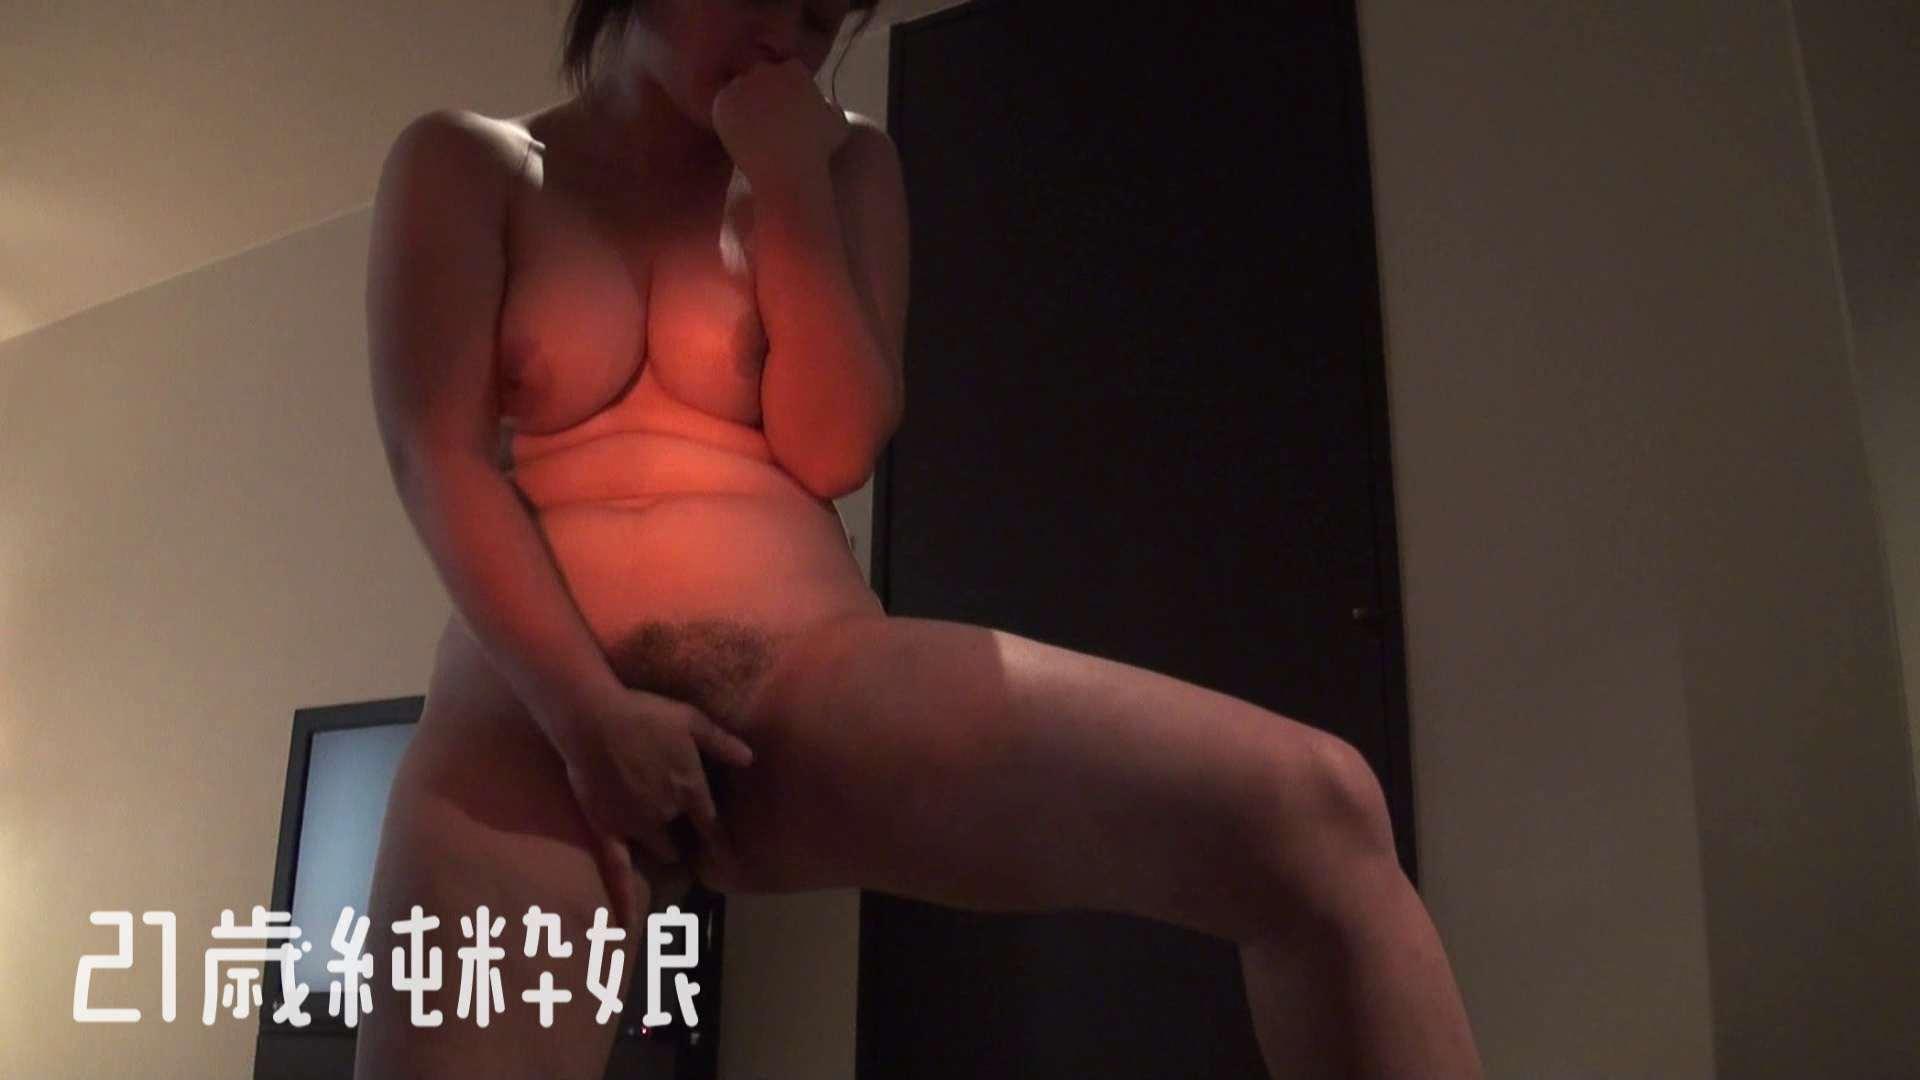 上京したばかりのGカップ21歳純粋嬢を都合の良い女にしてみた2 オナニー特集 | ギャル達のSEX  77画像 22